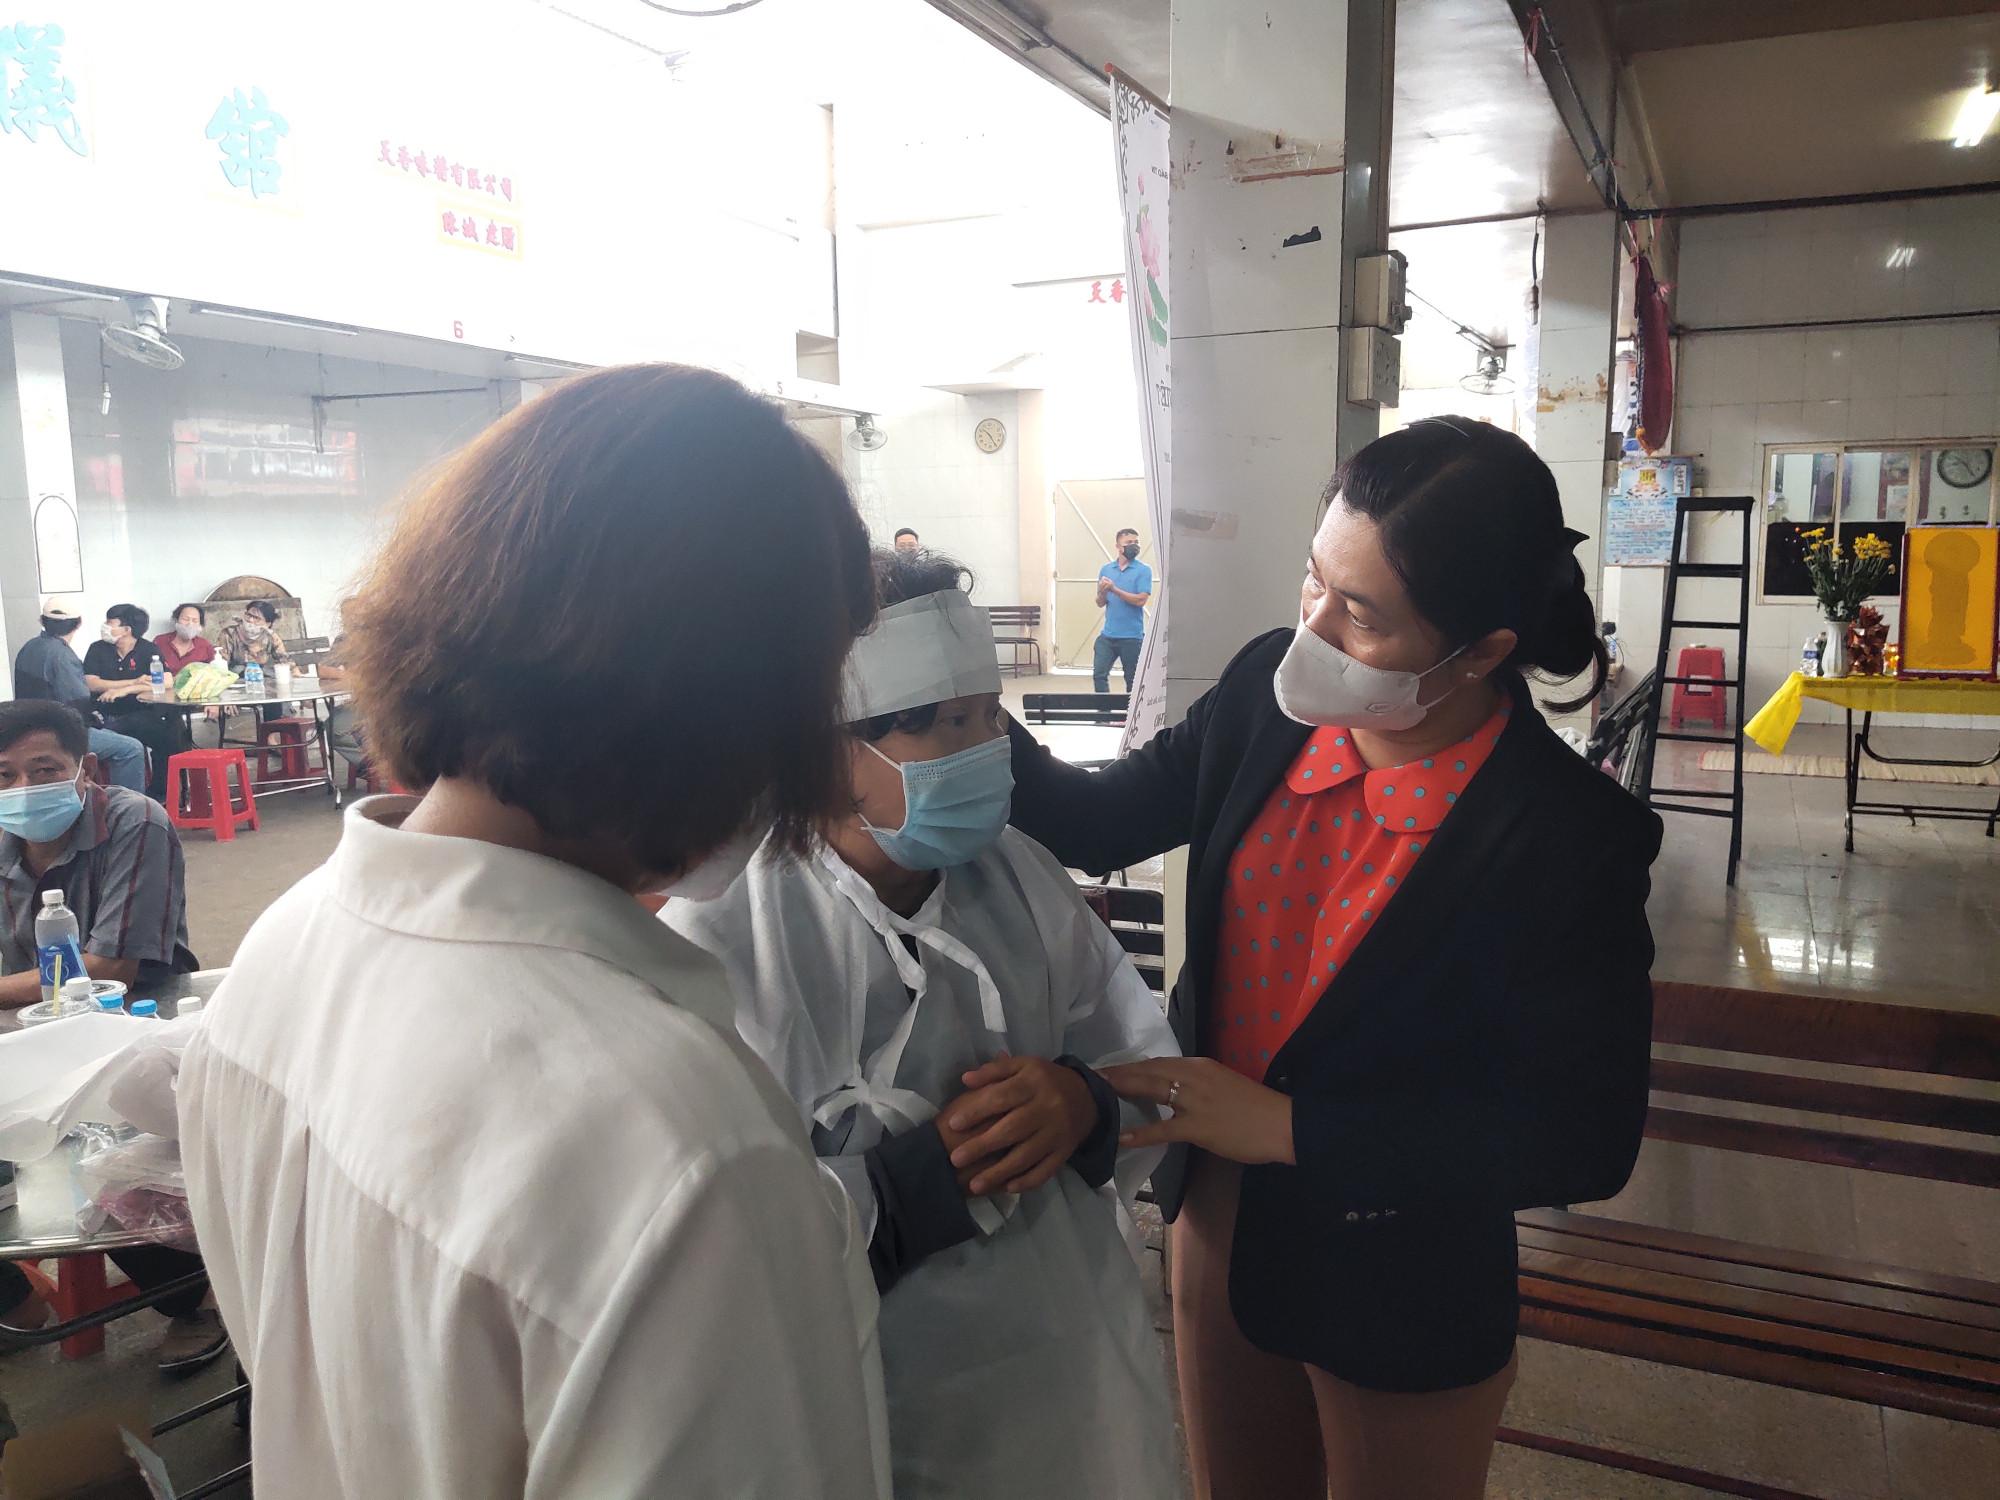 Bà Nguyễn Trần Phượng Trân chia sẻ, động viên và mong bà Trần Bích Liên vượt qua nỗi đau để chu toàn hậu sự cho chồng và con trai duy nhất